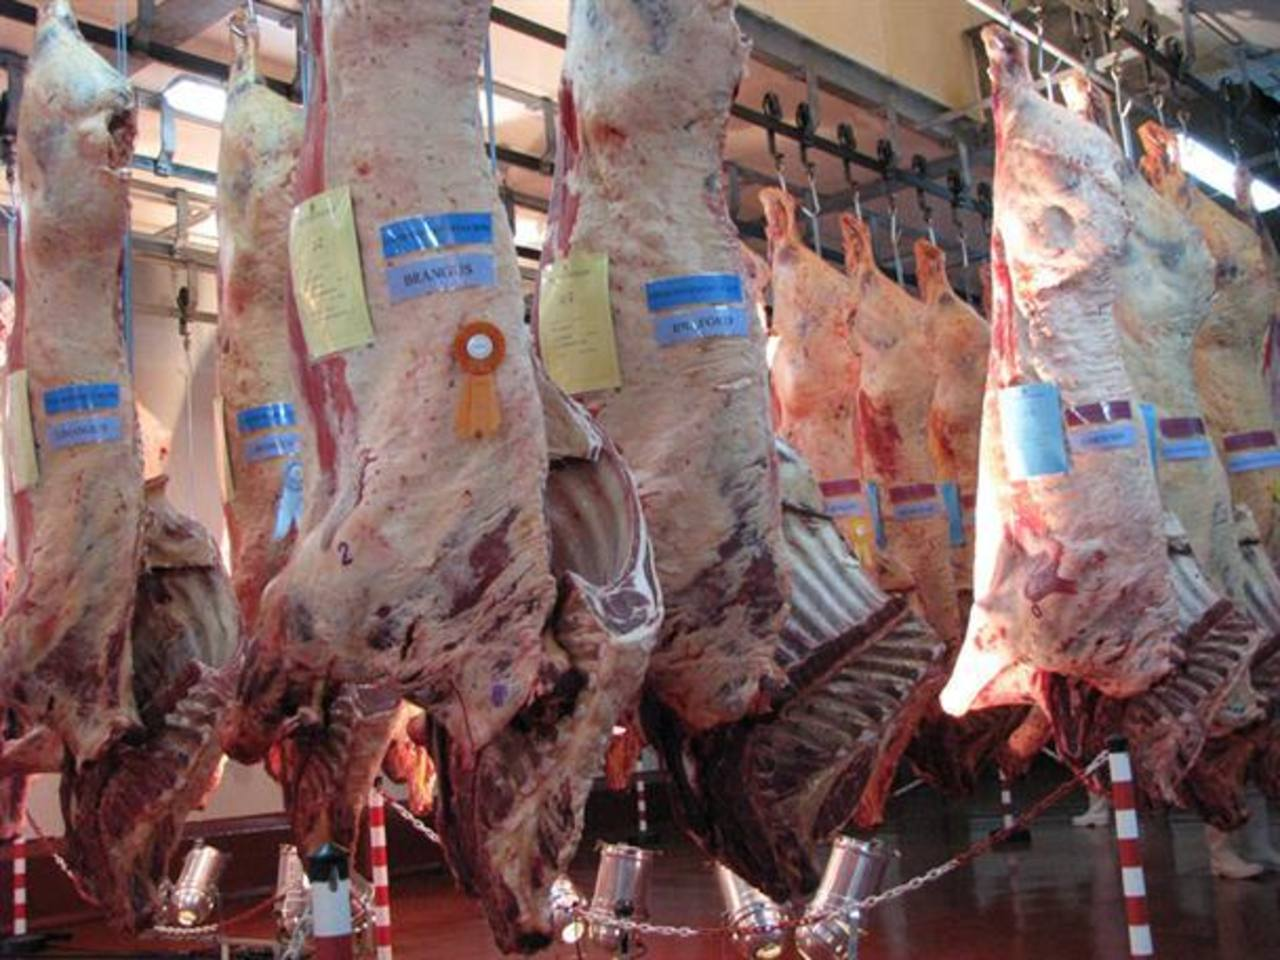 Las exportaciones argentinas de carne bovina, que están restringidas por el Gobierno, cayeron un 22.7 por ciento interanual a 8,416 toneladas